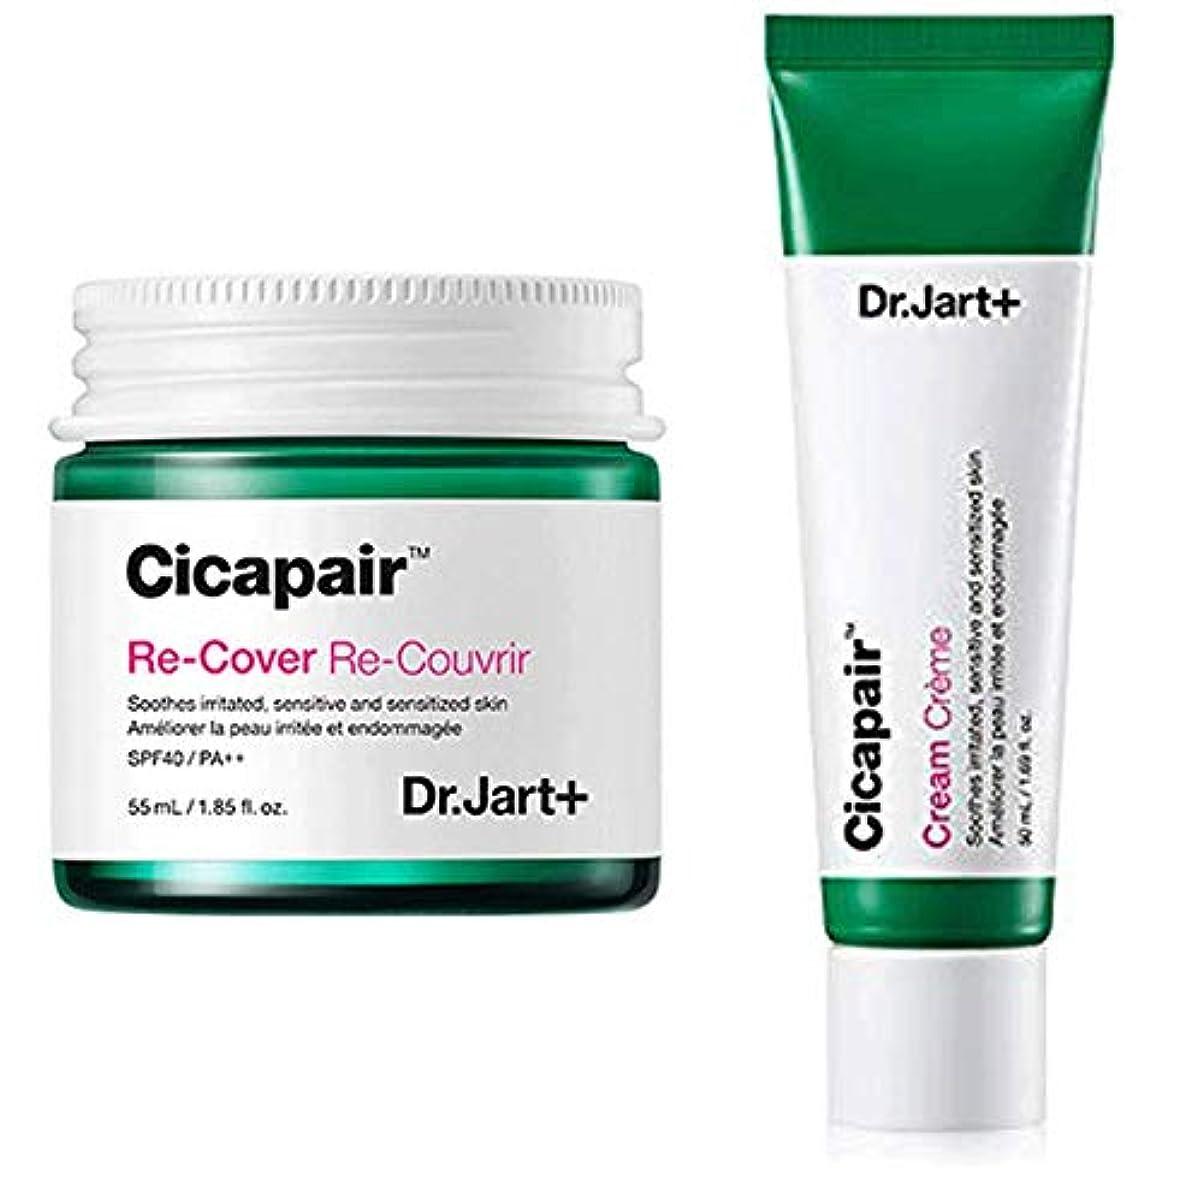 偶然メトリックタイトルDr.Jart+ Cicapair Cream + ReCover ドクタージャルトシカペアクリーム50ml + リカバー 55ml (2代目) セット [並行輸入品]